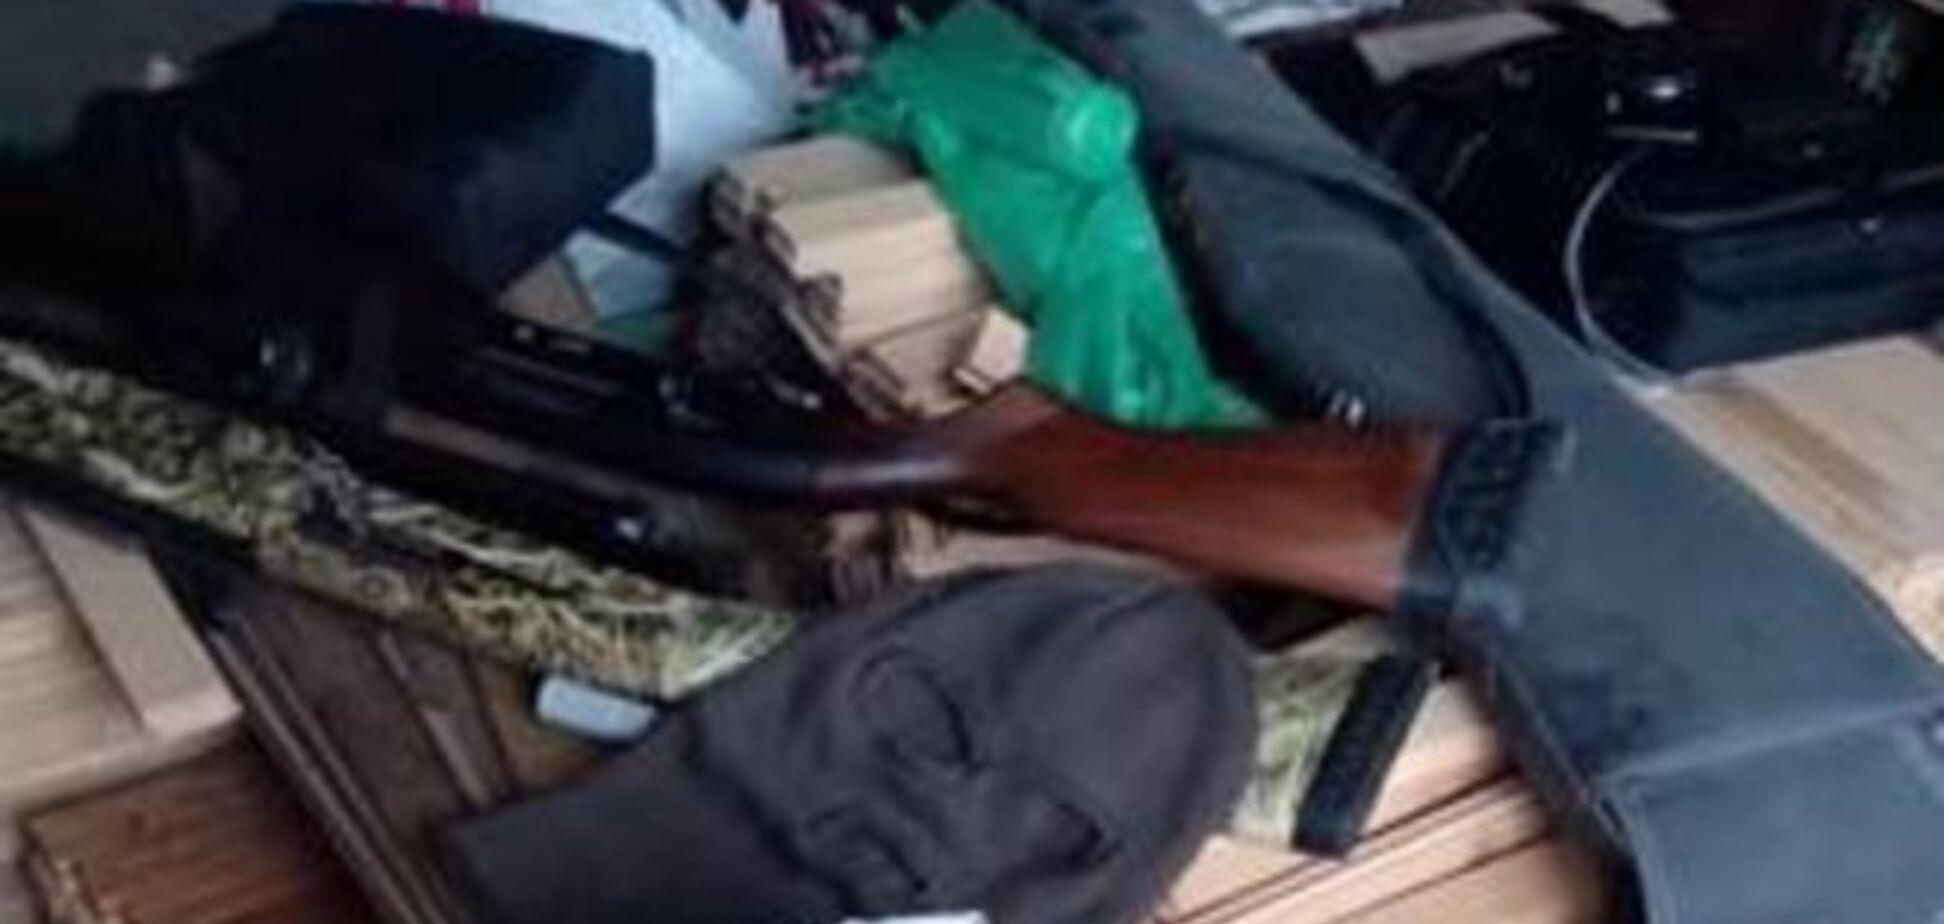 СБУ показала арсенал оружия, который нашла у людей Ланьо: опубликованы фото